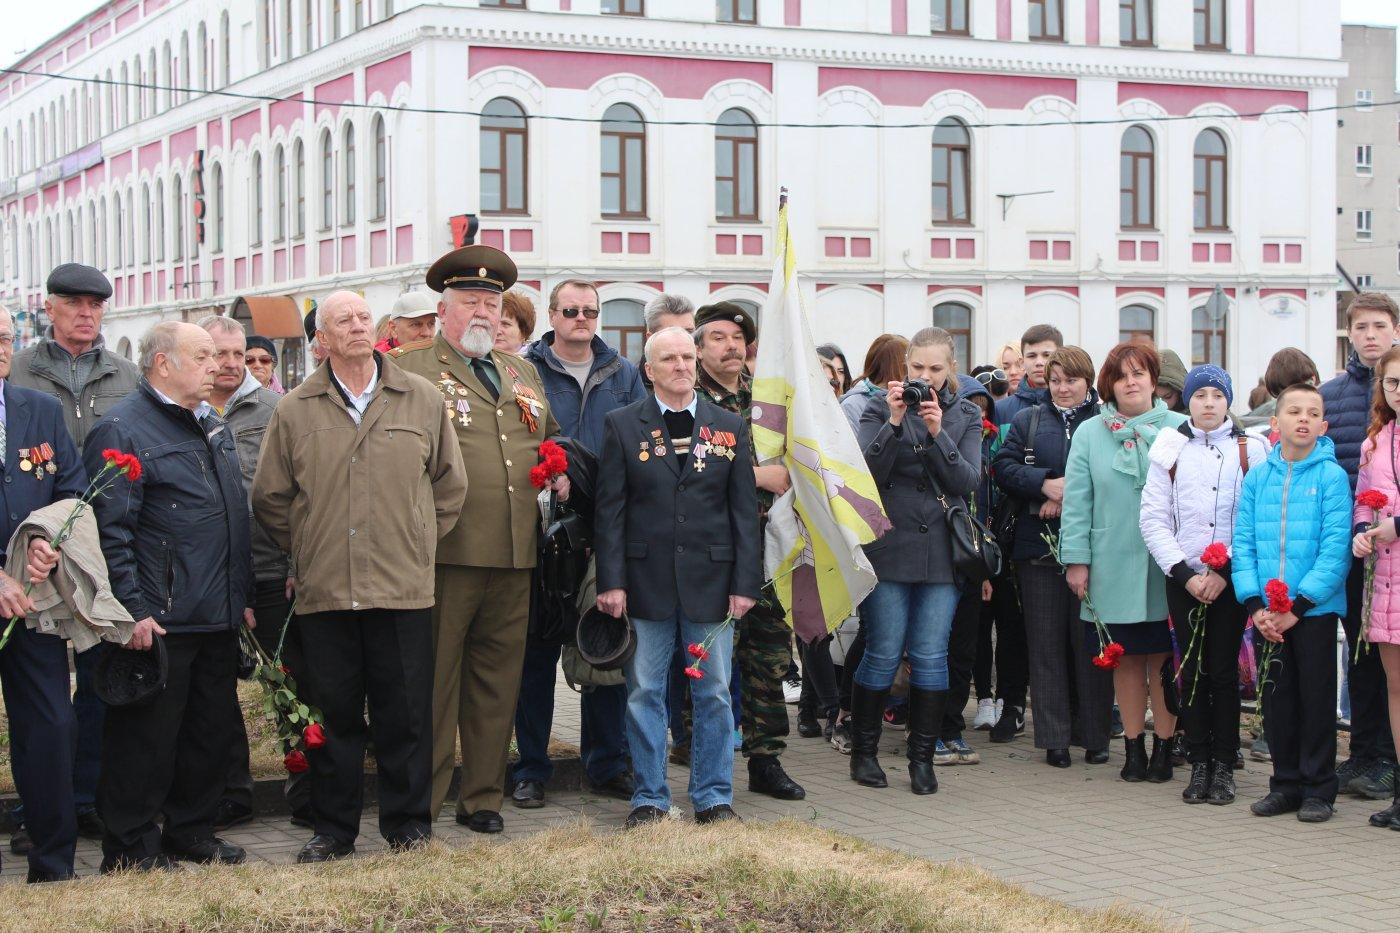 Фото IMG_6080.JPG. Россия, Ярославская область, Рыбинск, Волжская набережная улица, 6